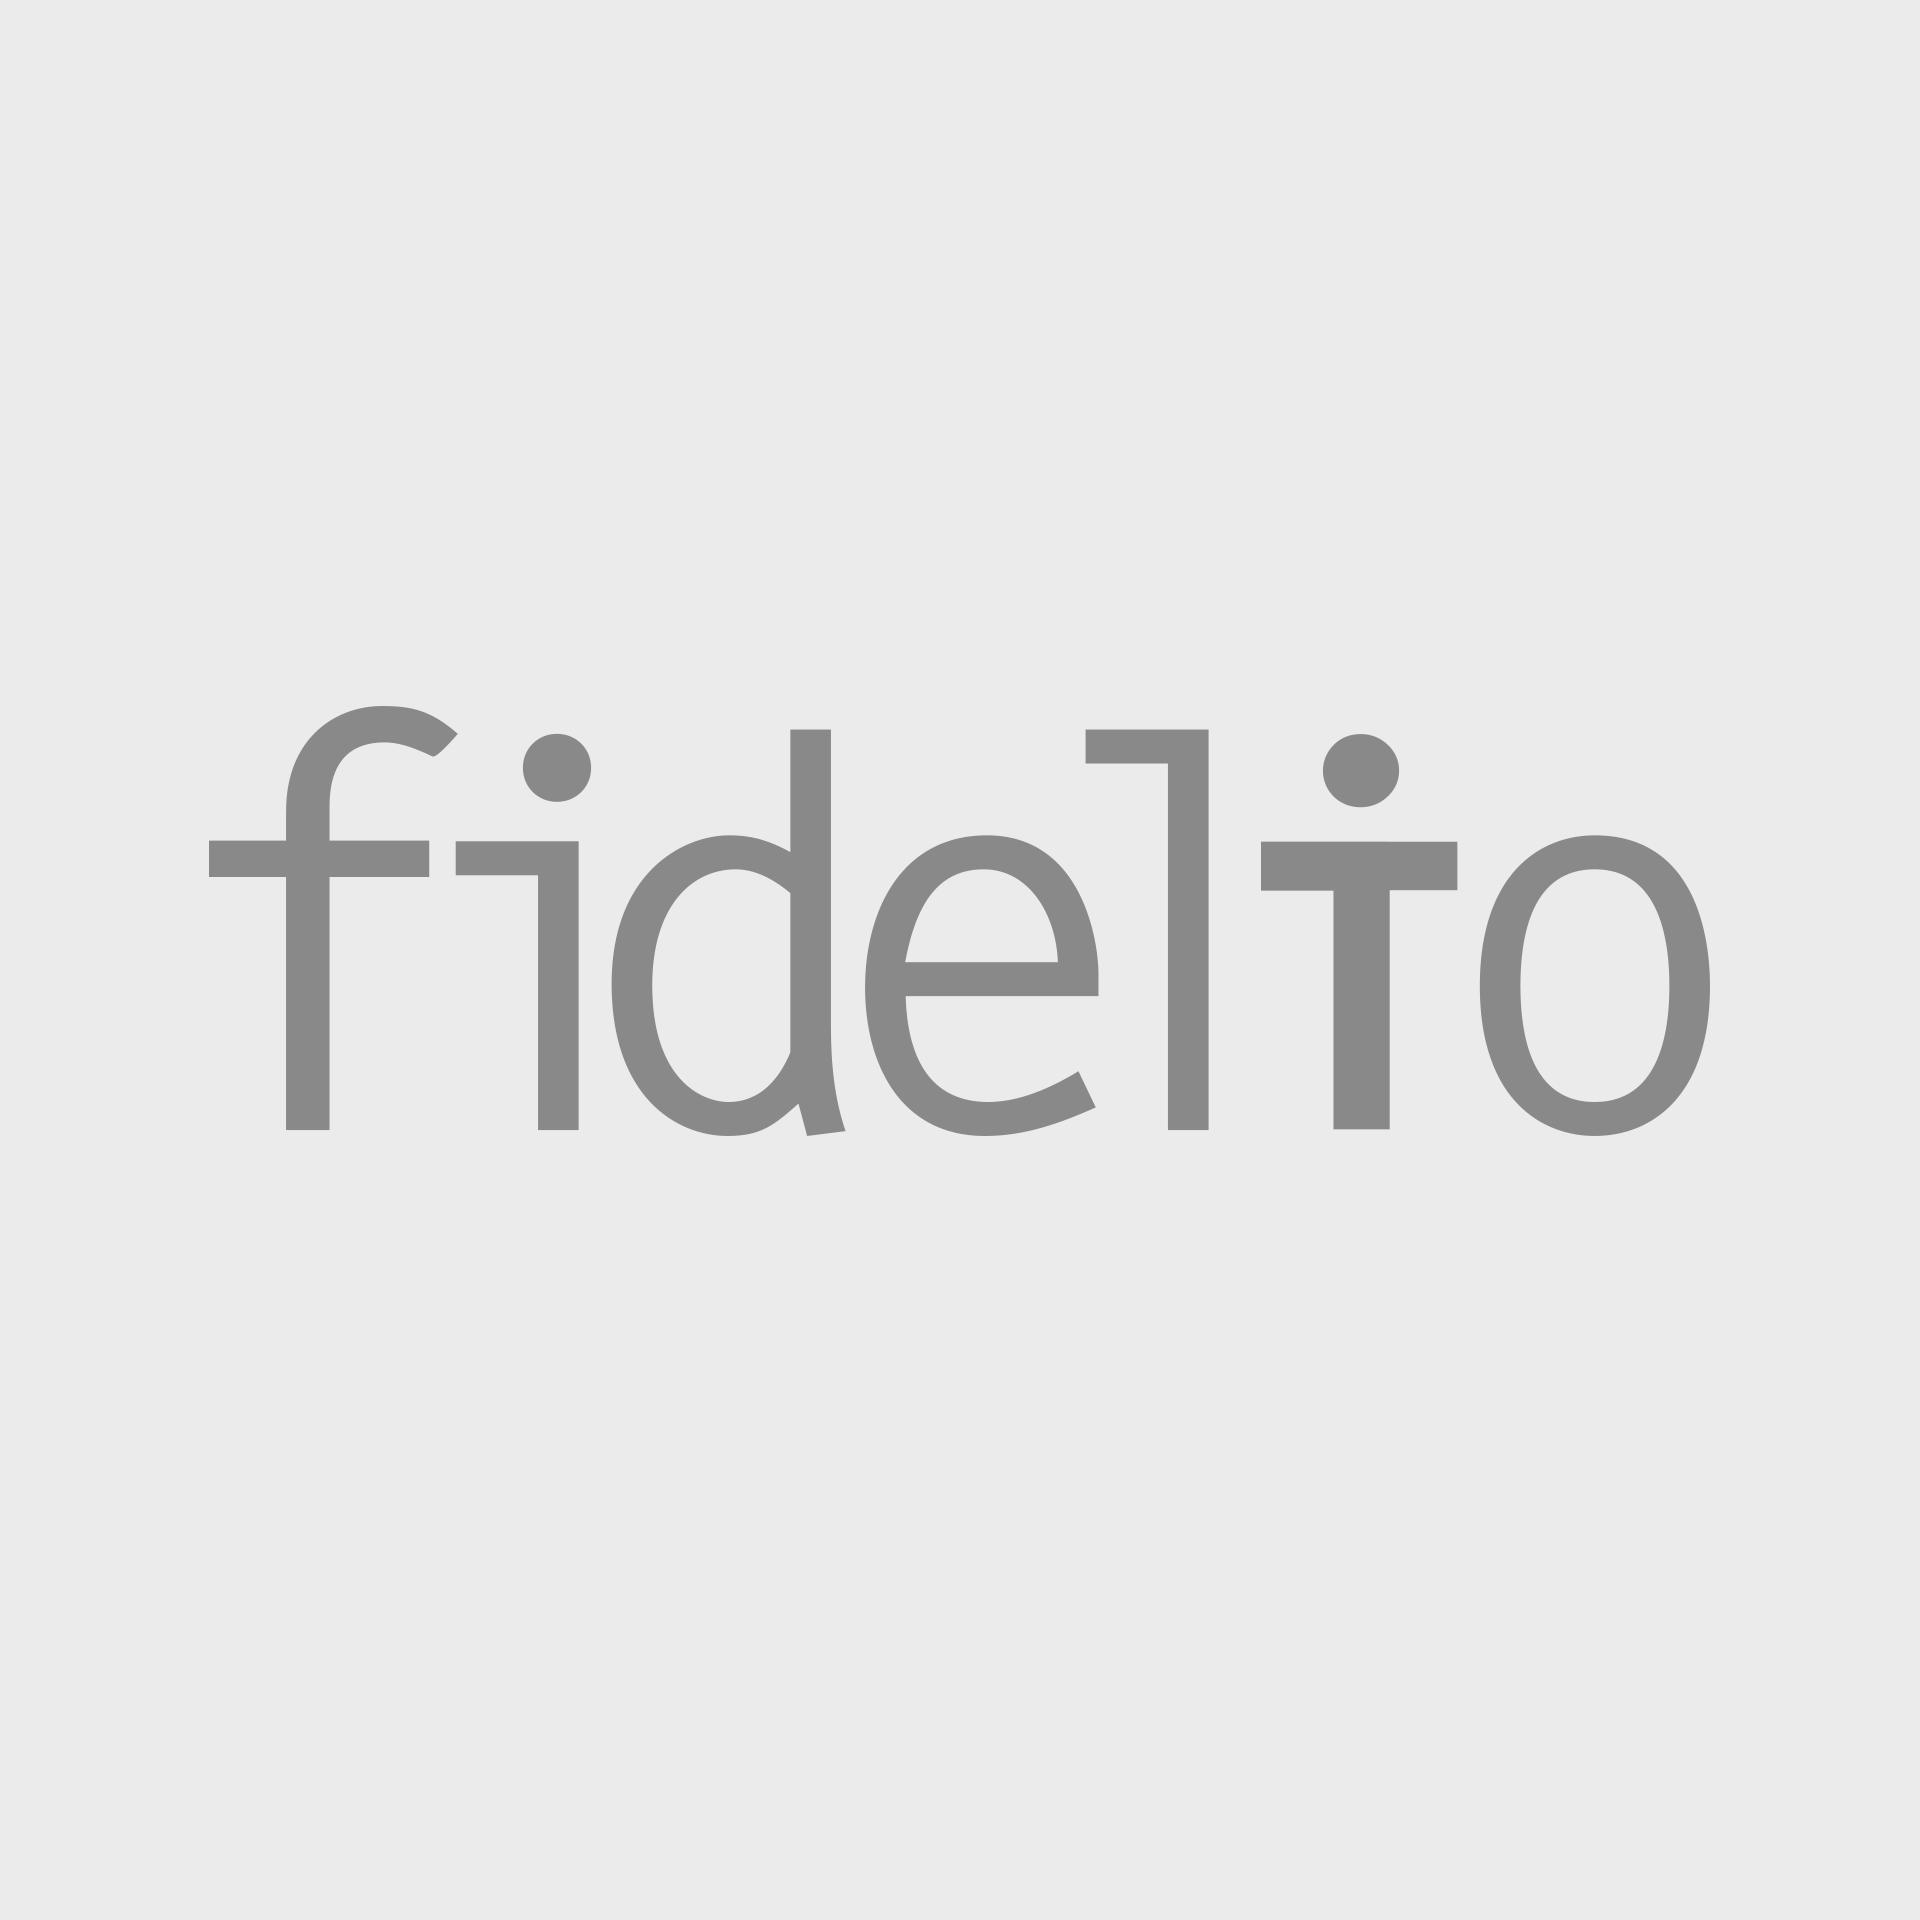 filter-091750.jpg